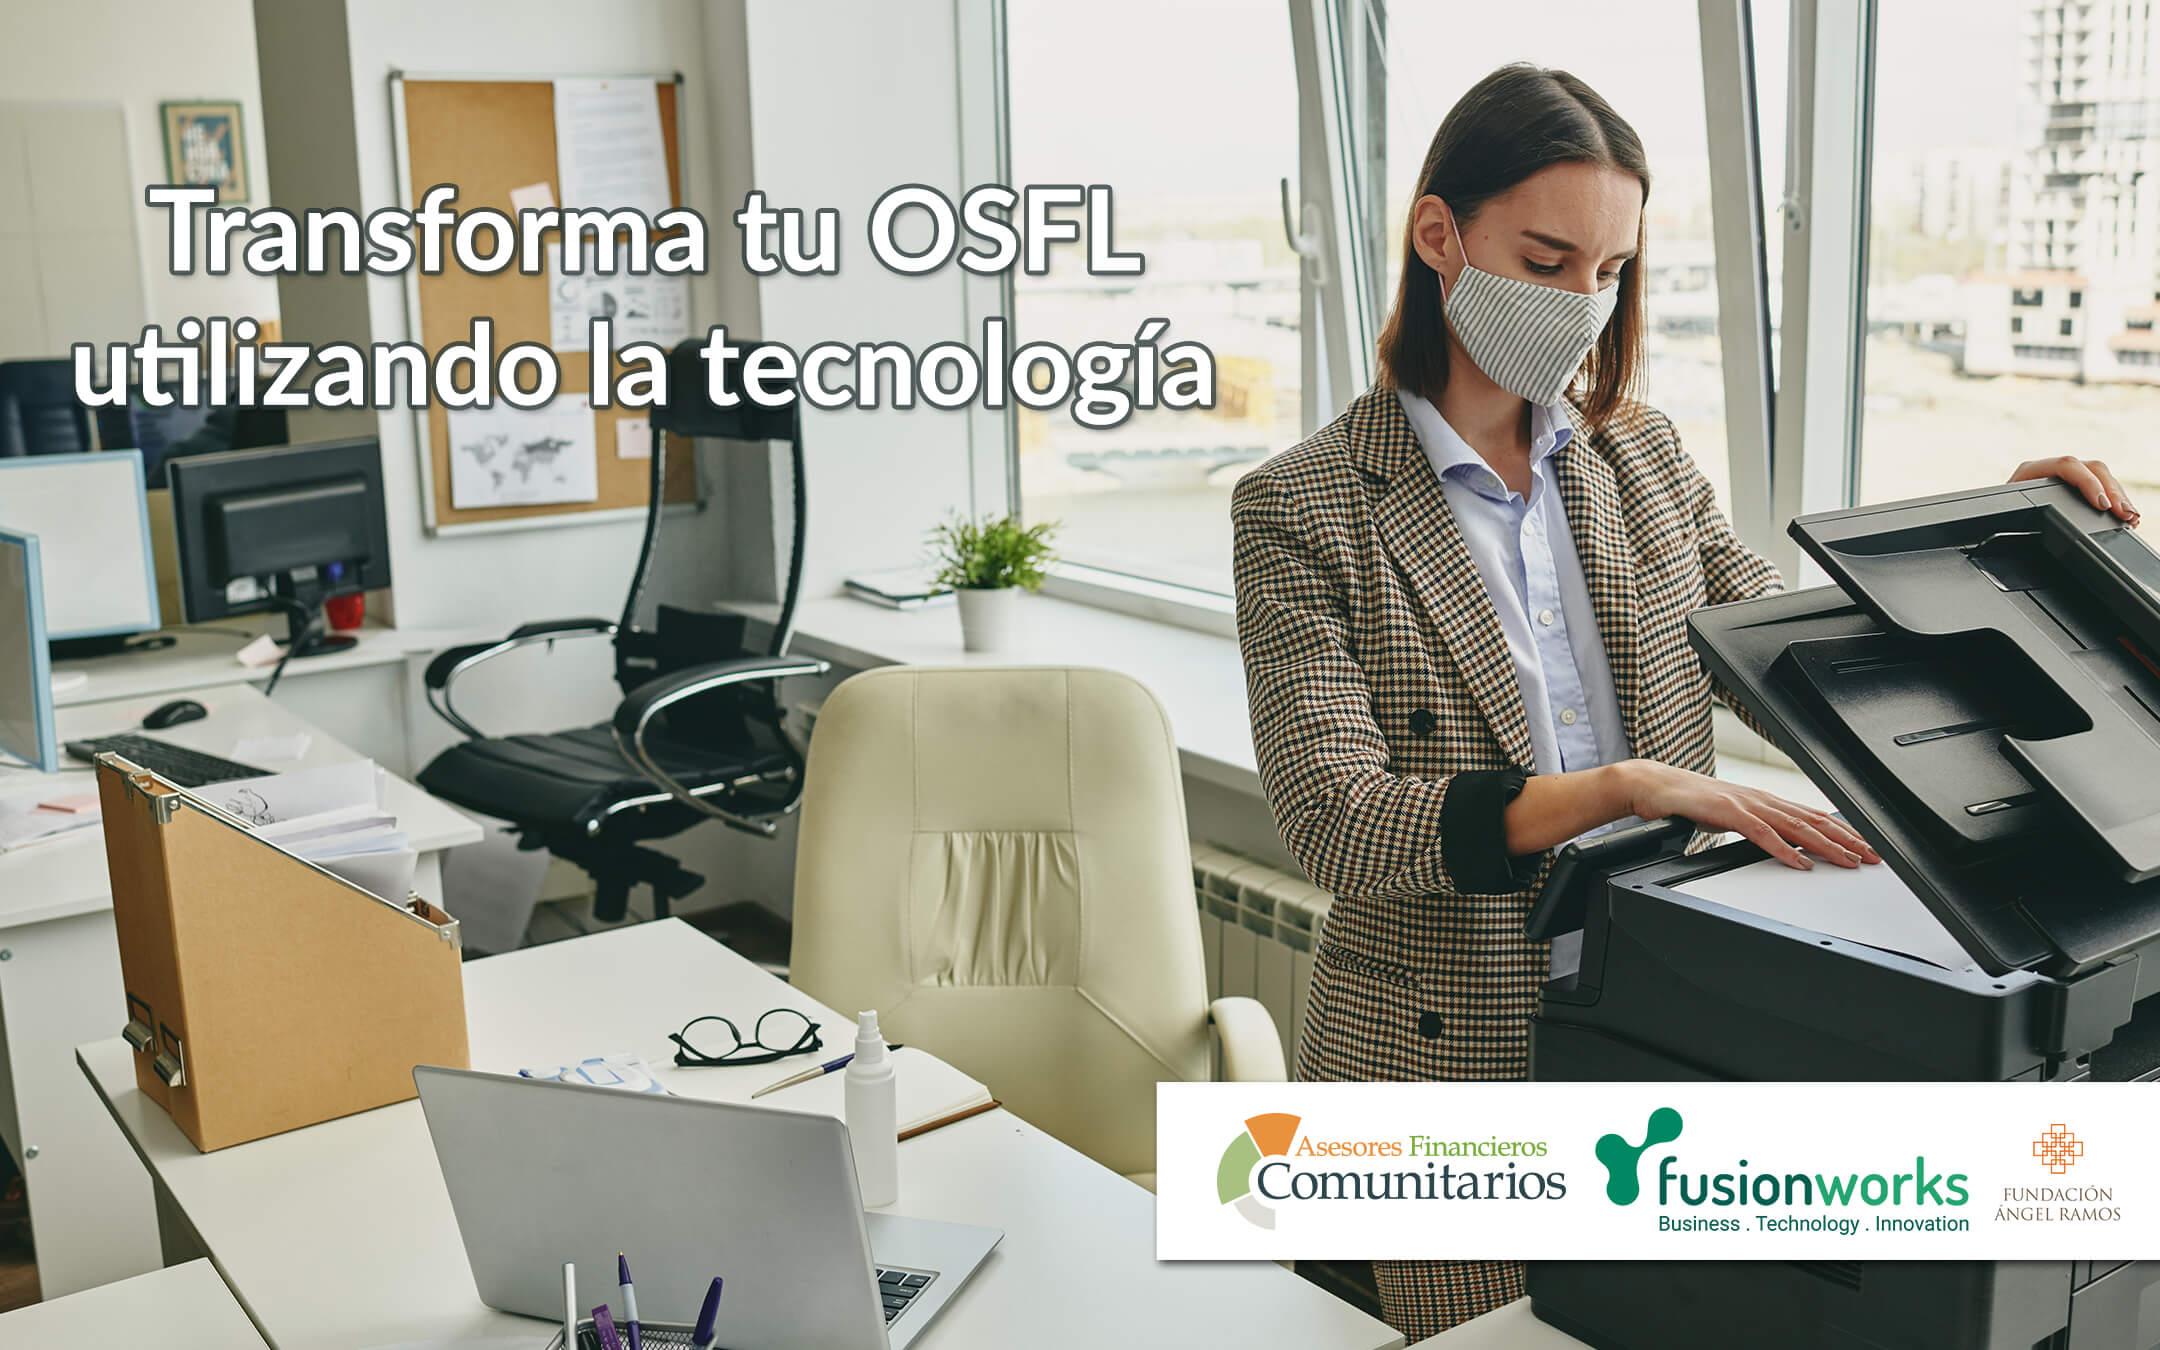 Transforma tu OSFL utilizando la tecnología